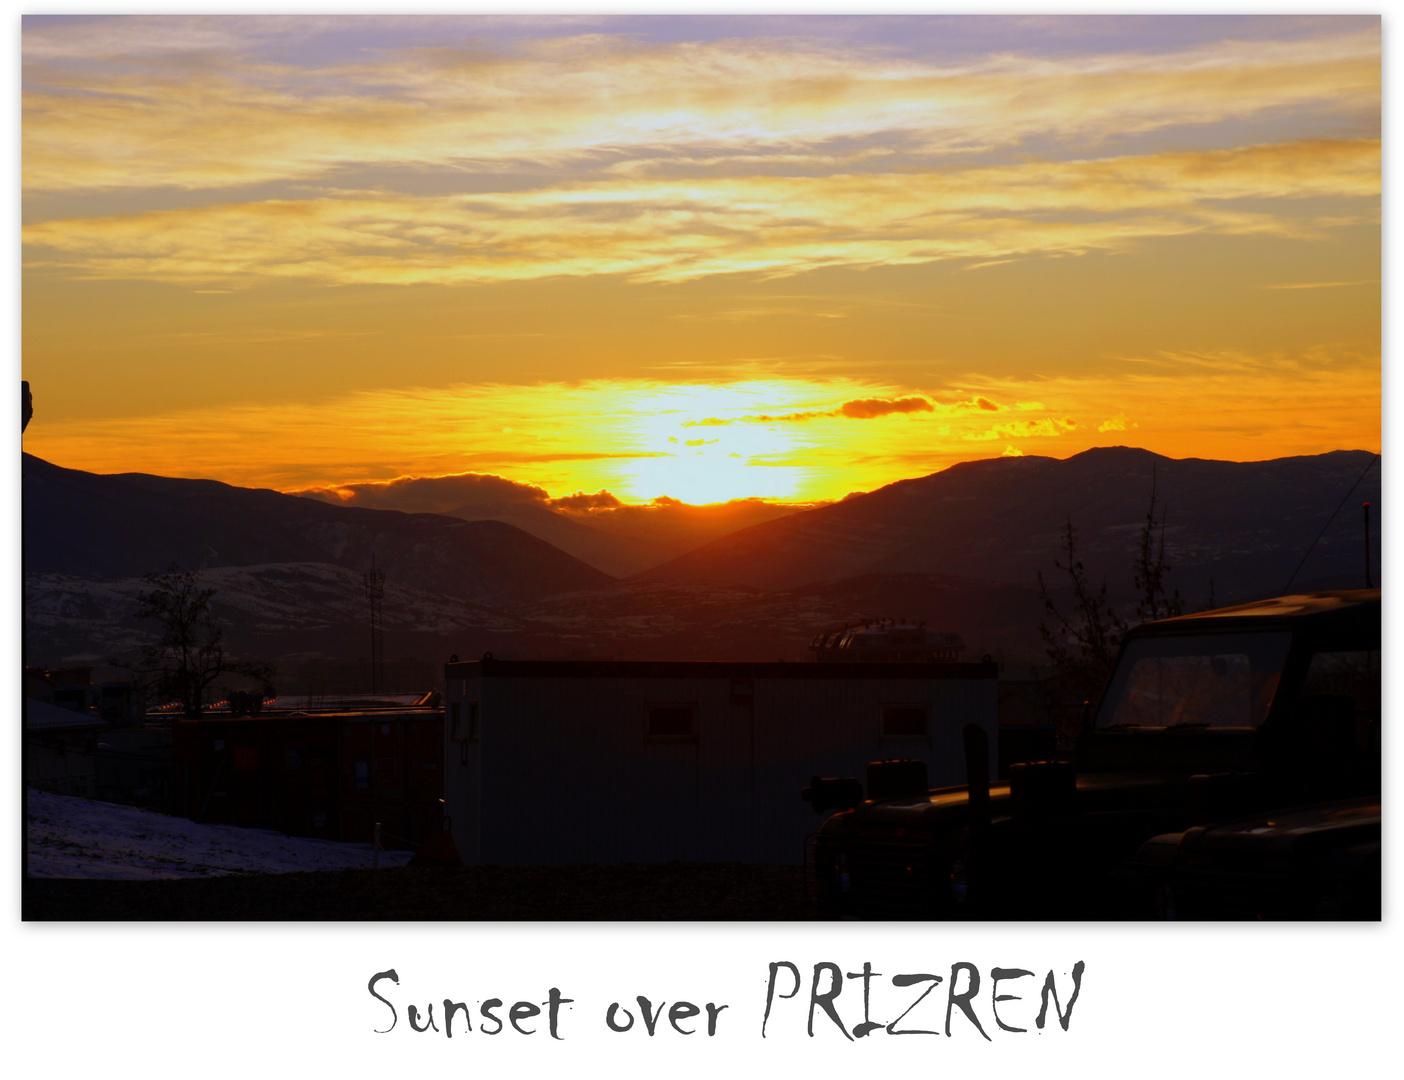 Sunset over Prizren